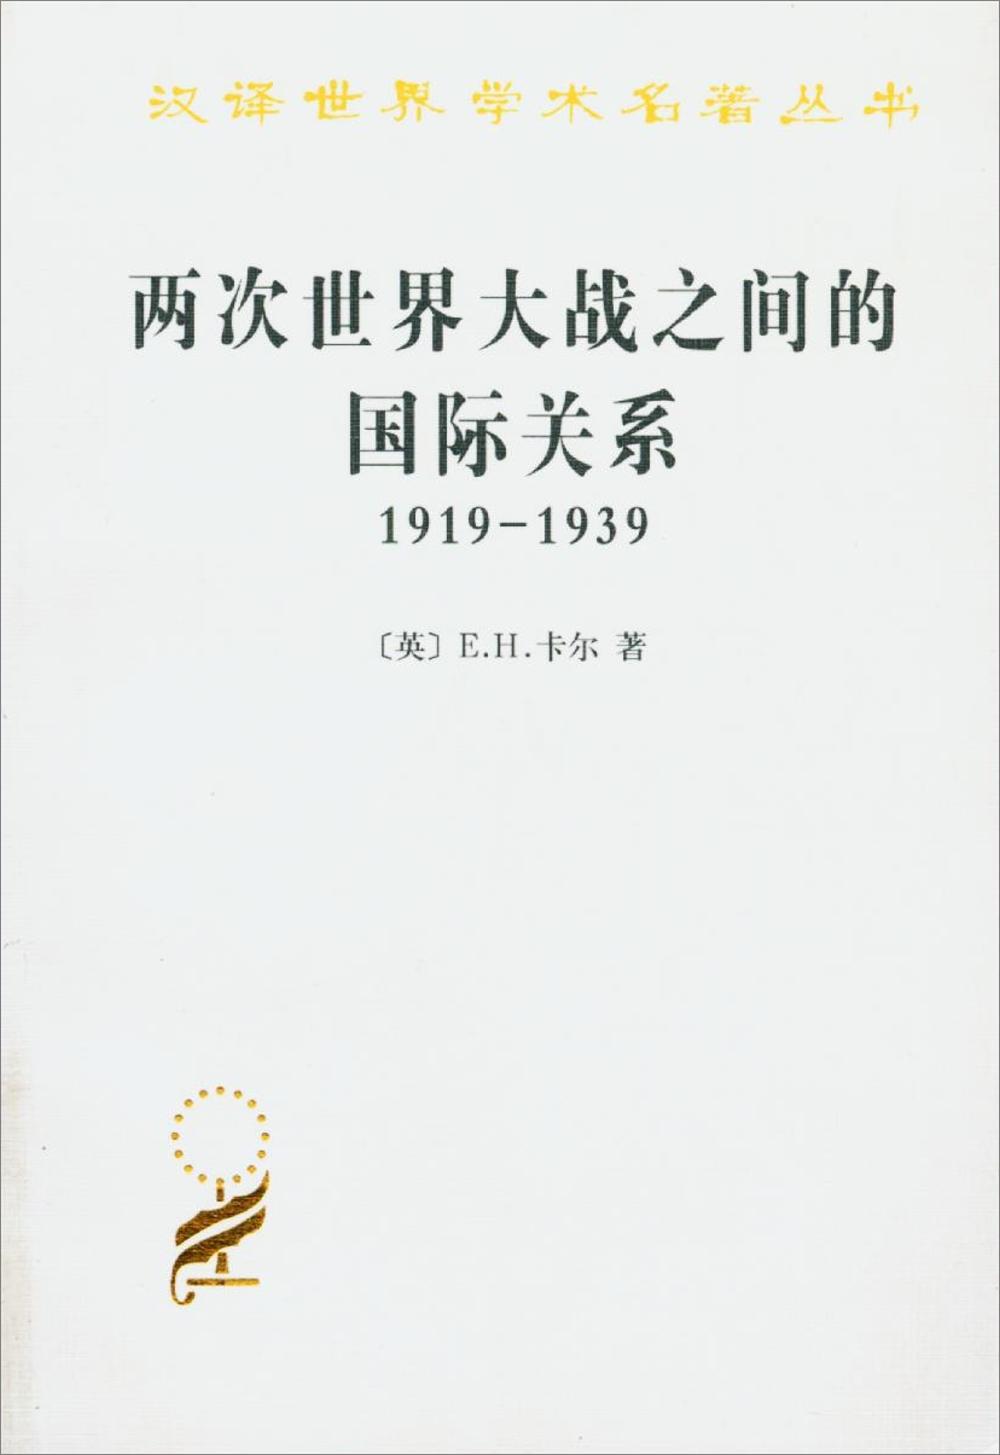 漢譯世界學術名著叢書~~兩次世界大戰之間的國際關系.1919~1939